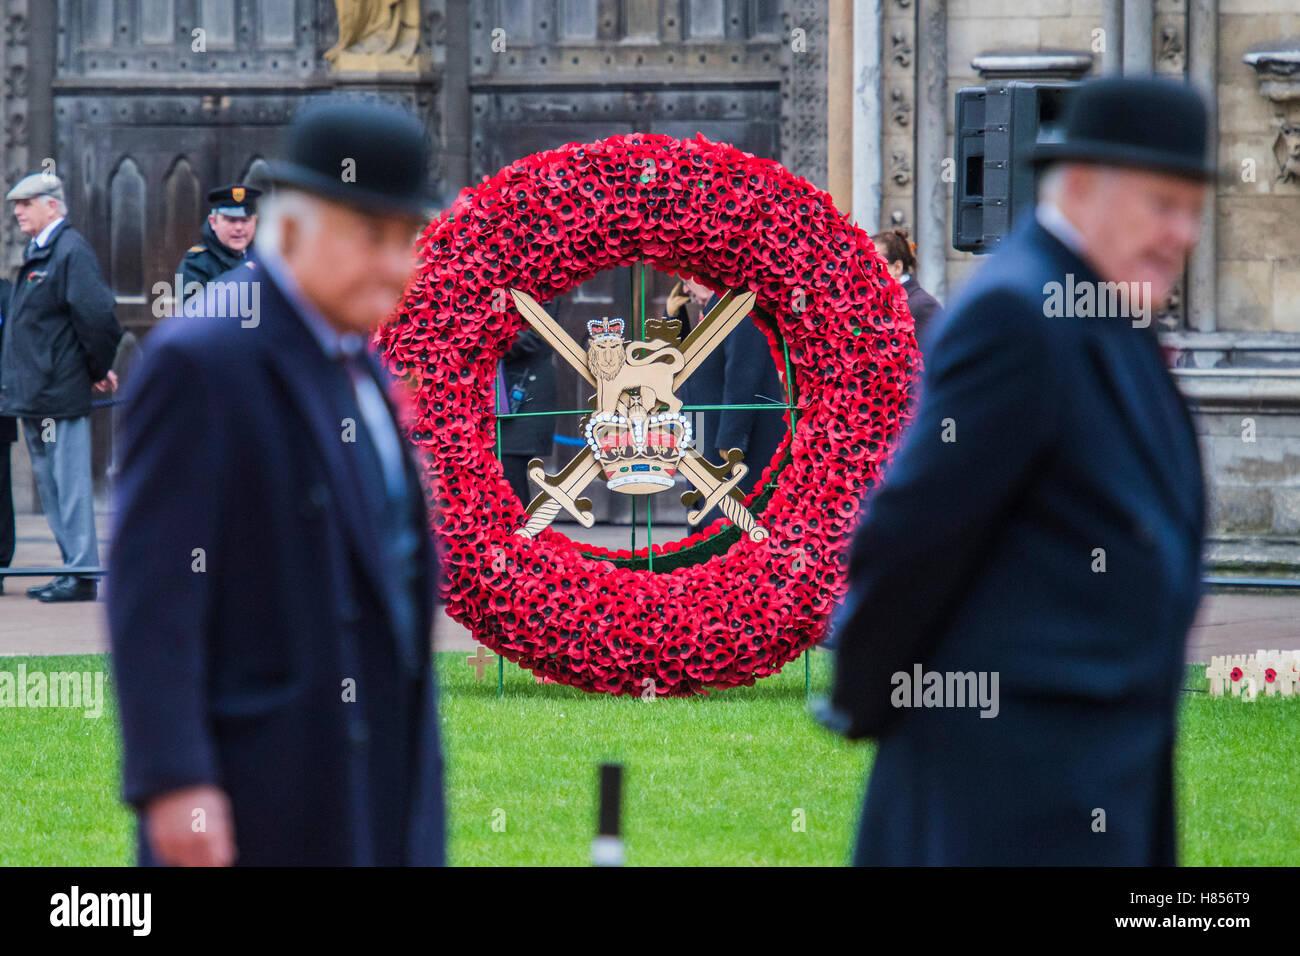 Londres, Reino Unido. 10 Nov, 2016. Una guirnalda gigante en representación del Ejército - el Duque de Imagen De Stock